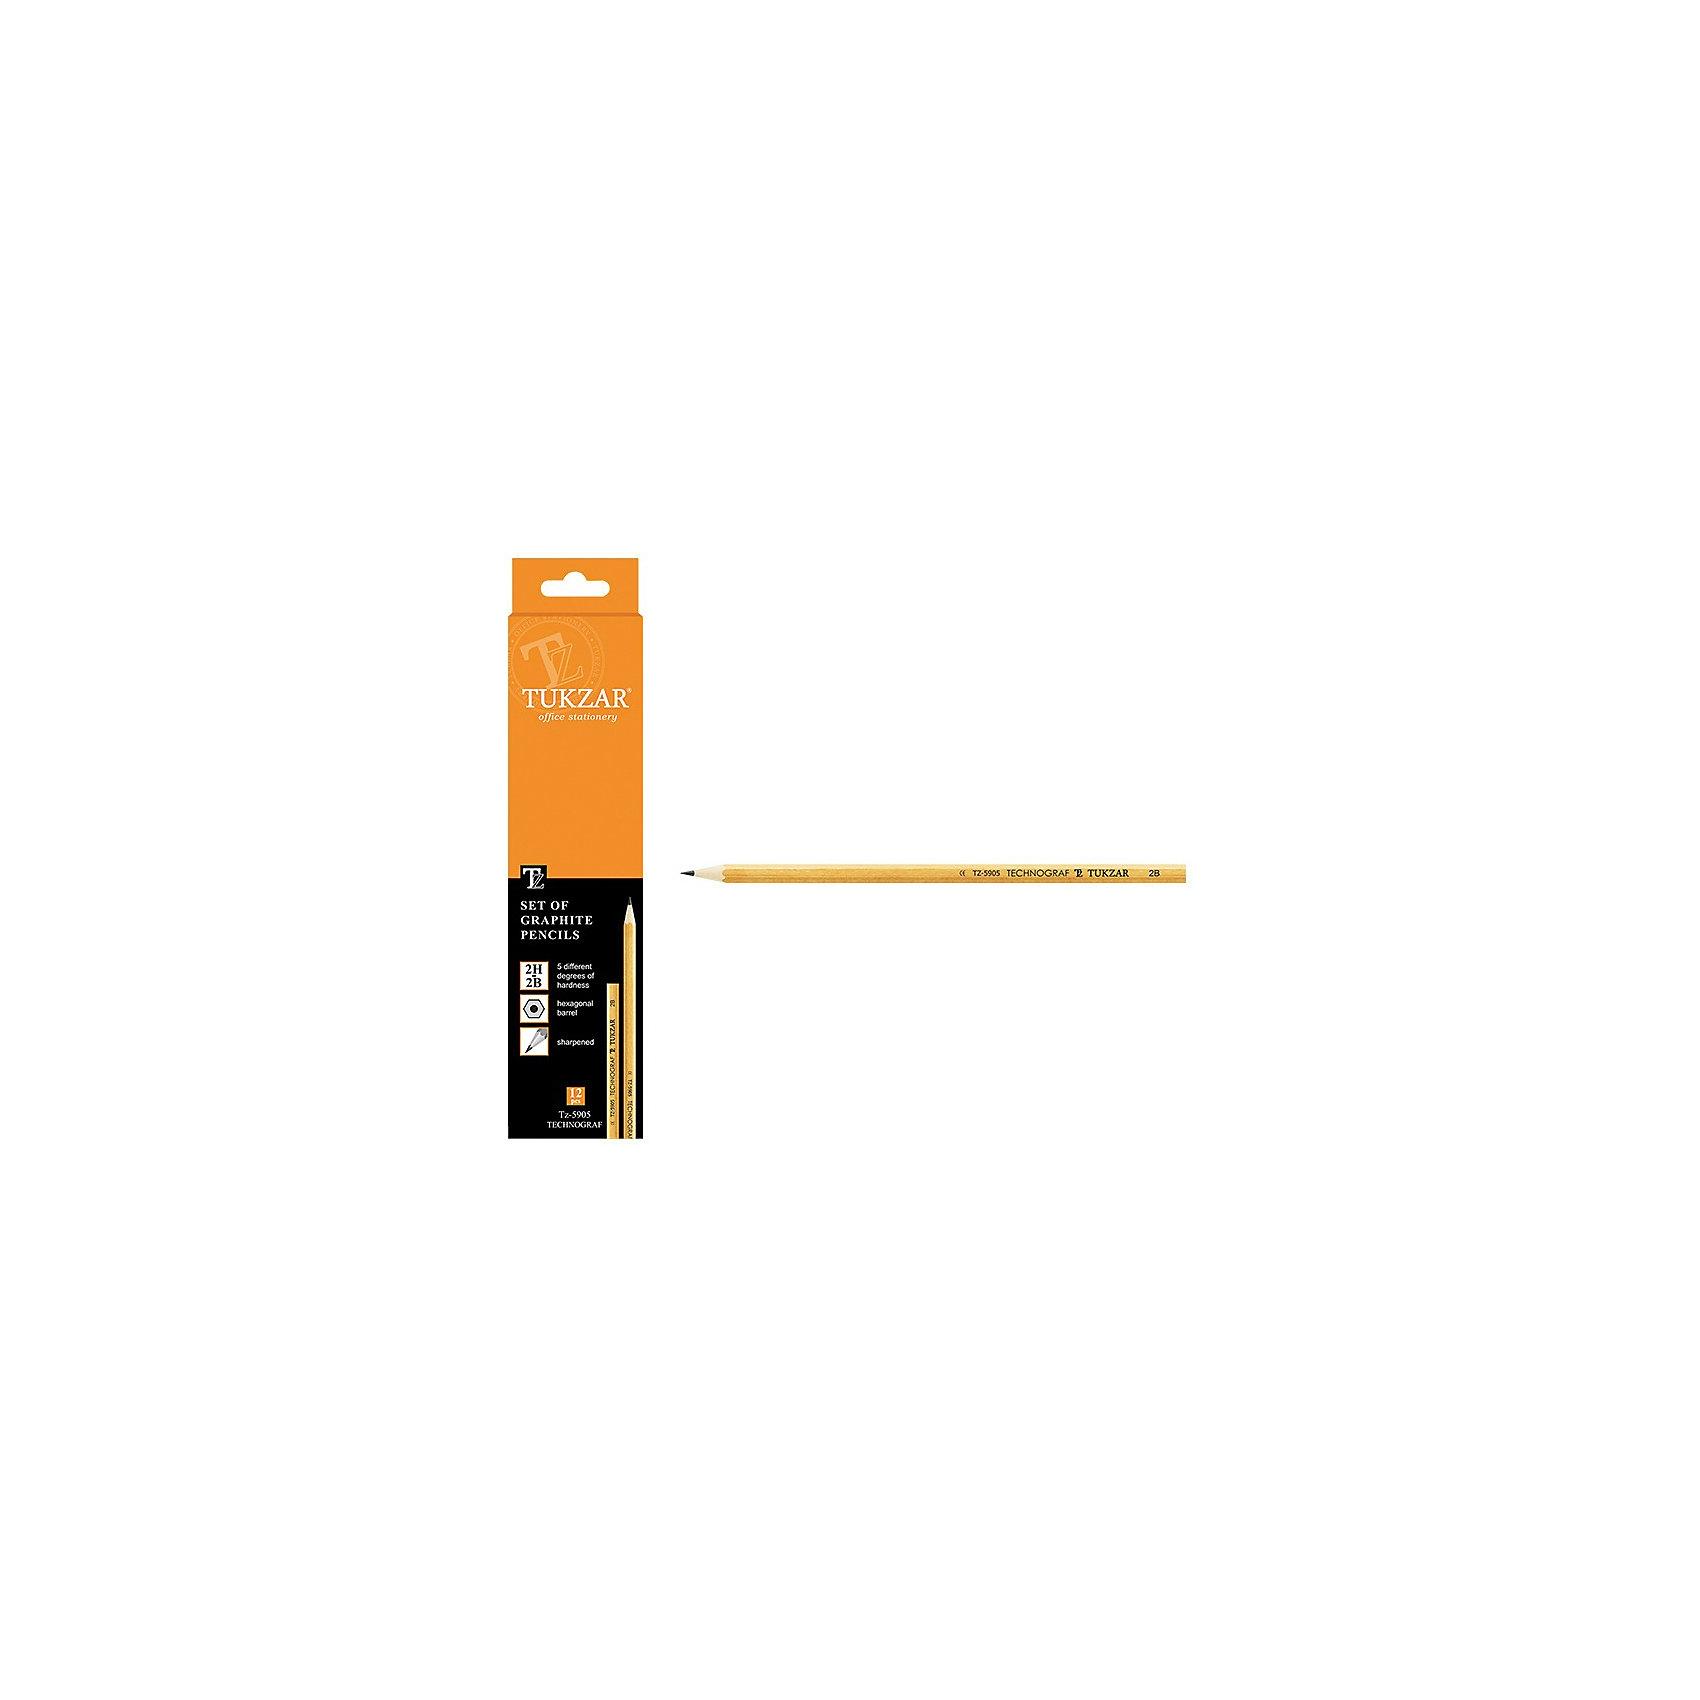 TUKZAR Набор чернографитных карандашей, 12 шт.Набор деревянных шестигранных заточенных чернографитных карандашей. Состав набора: 2Т - 1 шт; Т - 1 шт; ТМ - 2 шт; М - 1 шт; 2М - 1 шт<br><br>Ширина мм: 208<br>Глубина мм: 50<br>Высота мм: 15<br>Вес г: 70<br>Возраст от месяцев: 36<br>Возраст до месяцев: 1188<br>Пол: Унисекс<br>Возраст: Детский<br>SKU: 3098133